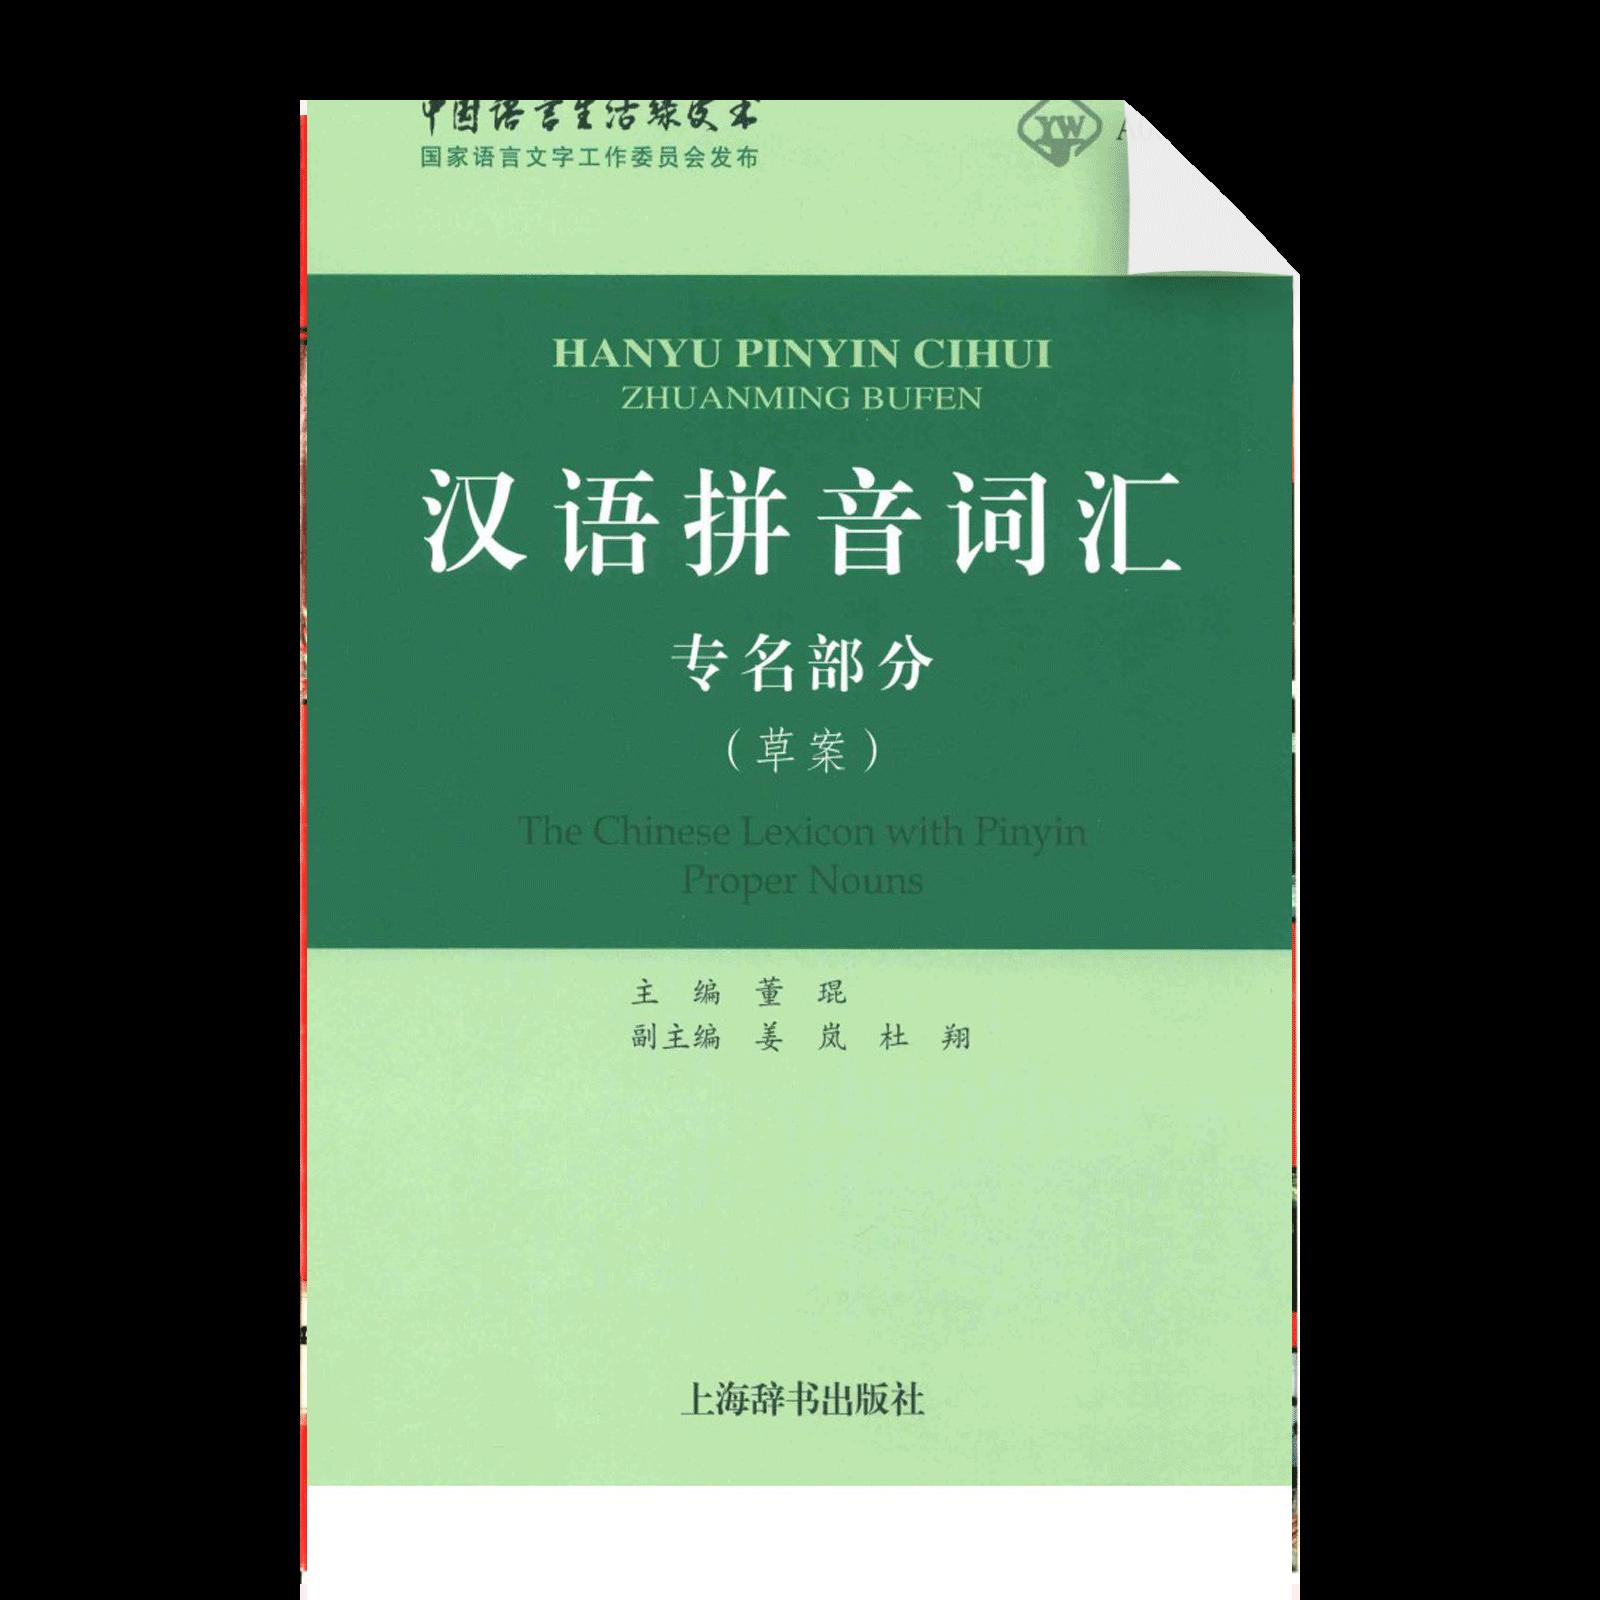 Hanyu Pinyin Cihui Zhuanming Bufen